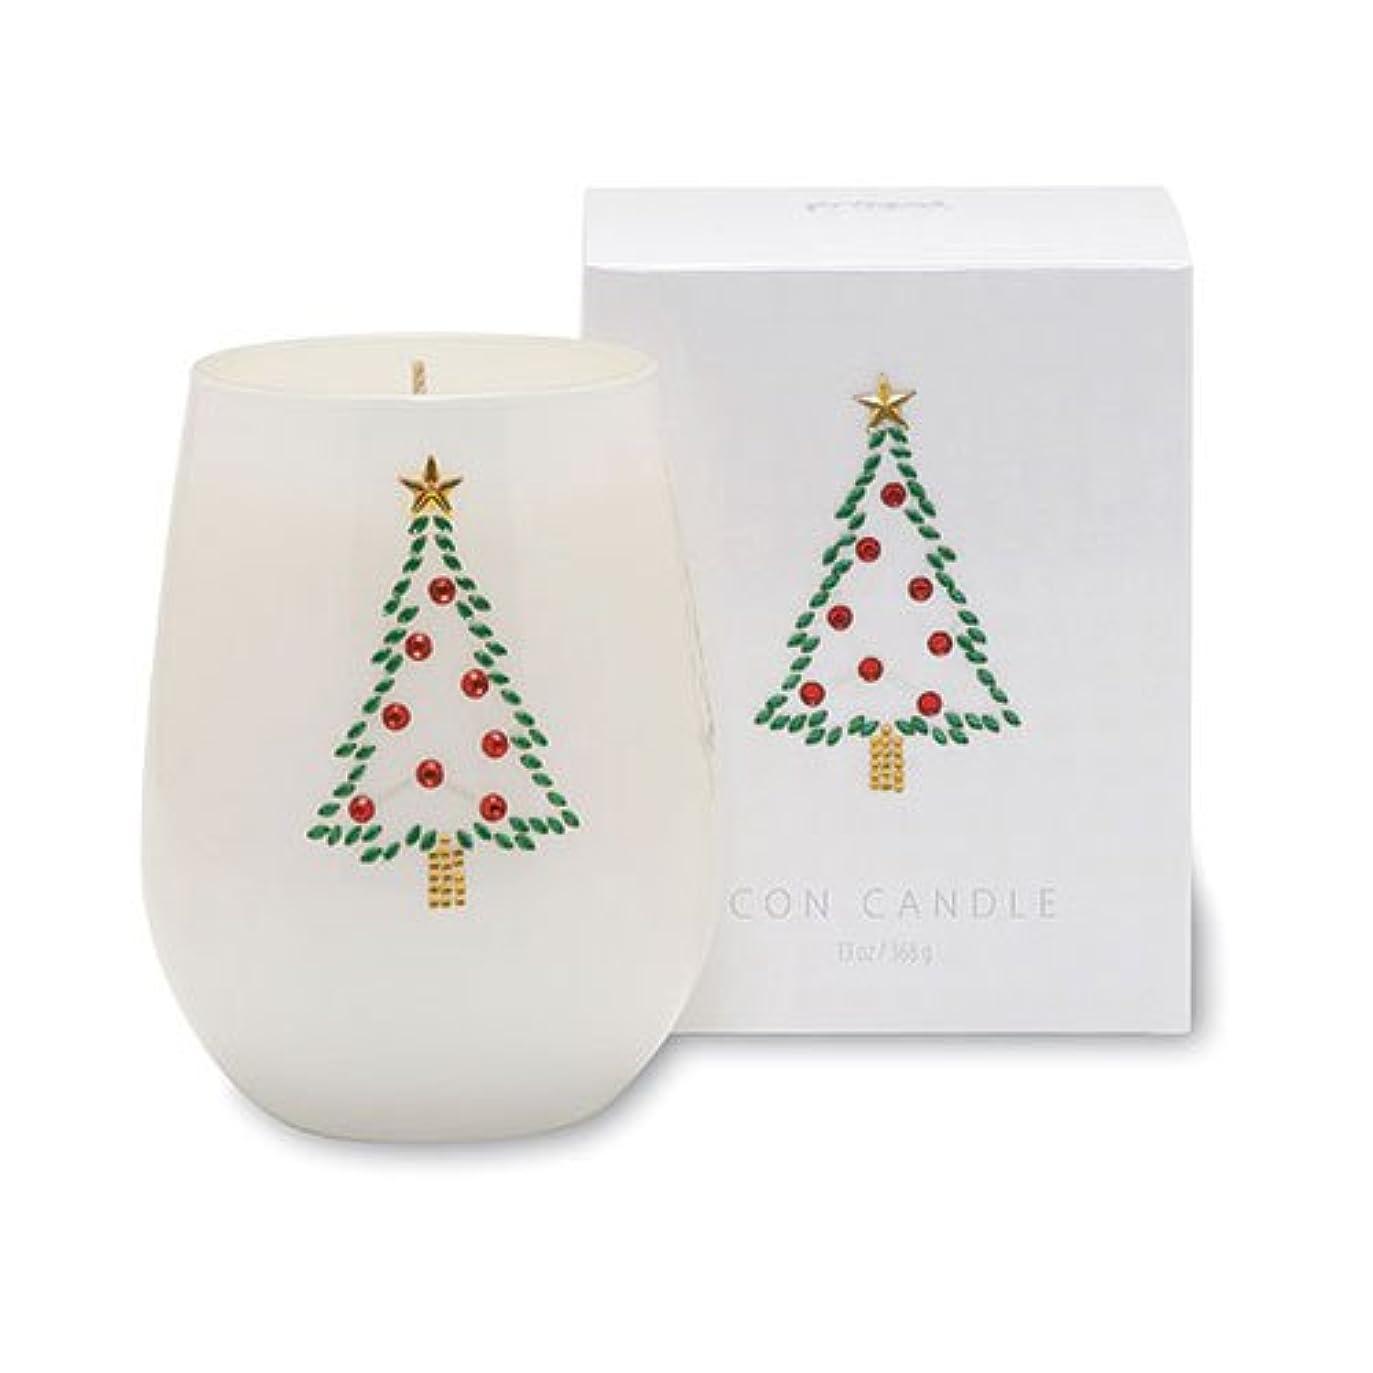 誰が暗くする復活クリスマスアイコンキャンドル/クリスマスツリー オレンジピールとドライフルーツの香り キャンドル